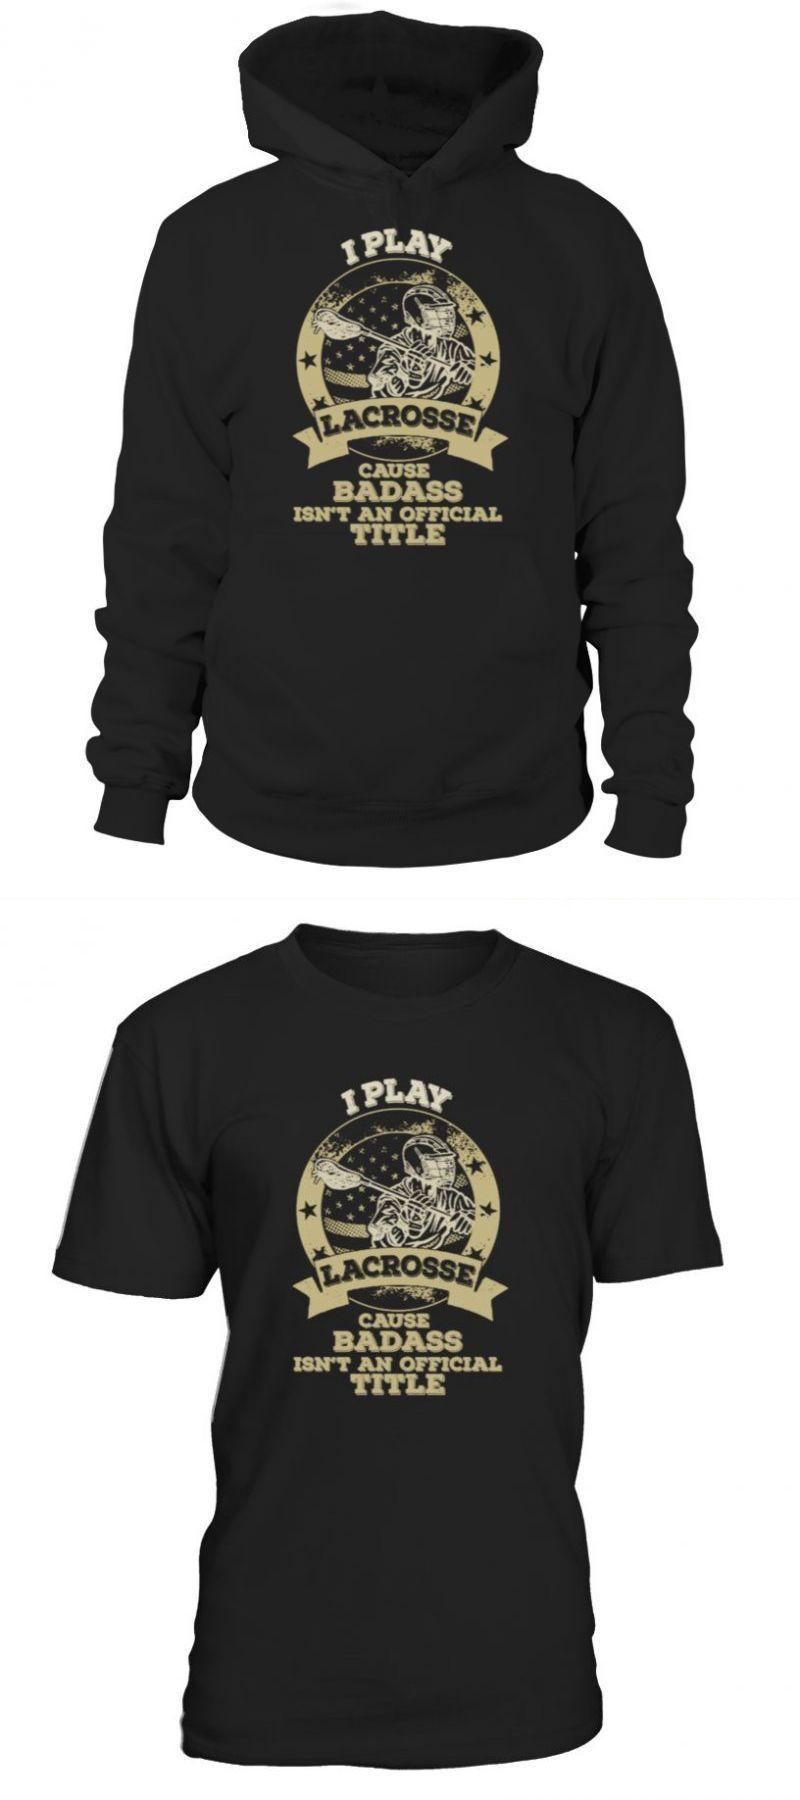 Full Size of T Shirt Lustige Hundesprüche T Shirts Mit Lustigen Sprüchen Für Kinder Lustige Sprüche T Shirt Männer Lustige Tshirt Sprüche Für Frauen Küche T Shirt Lustige Sprüche